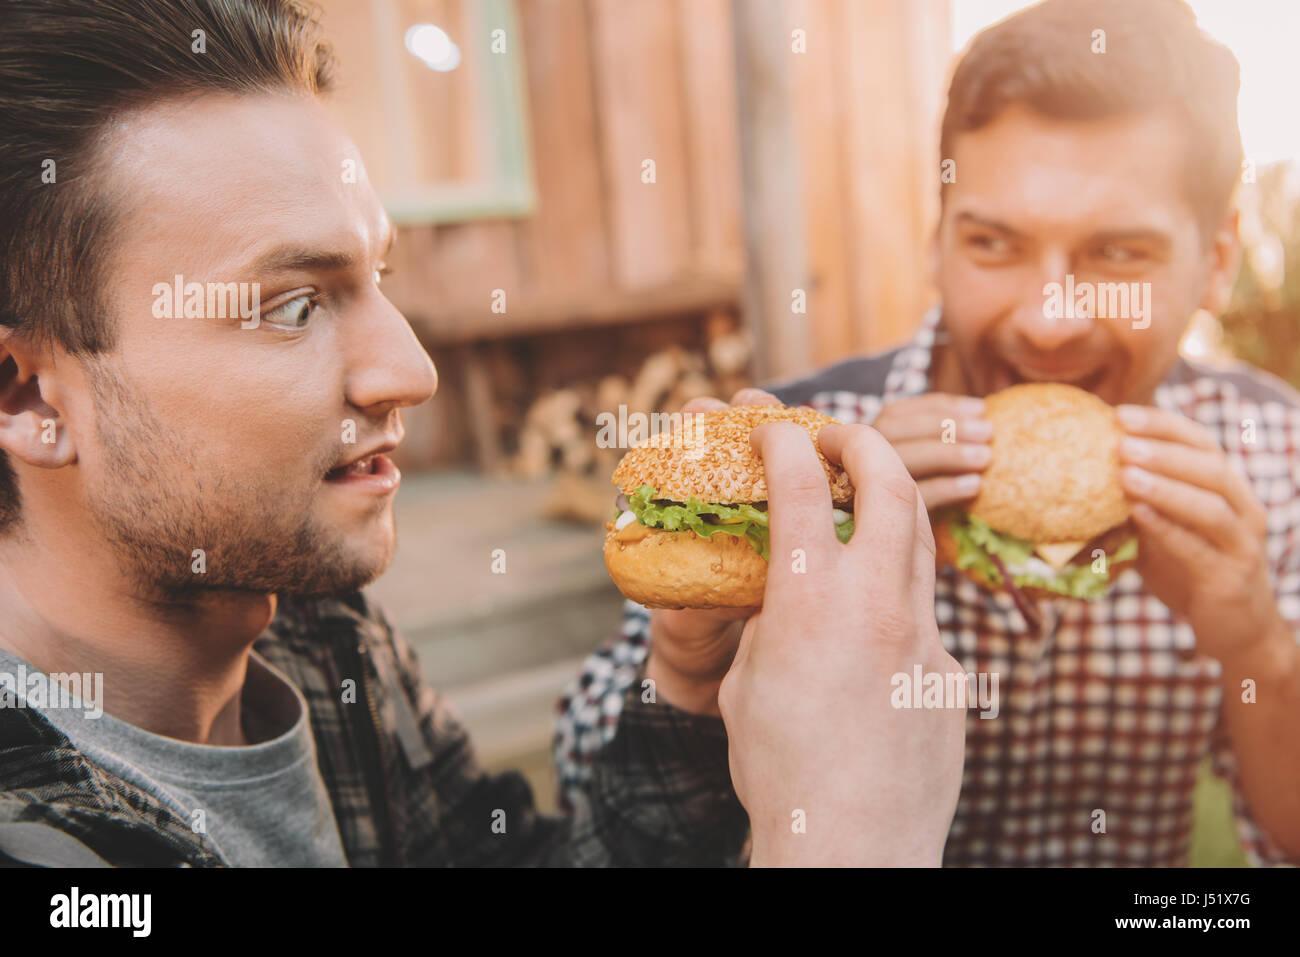 Emotional giovani uomini di mangiare hamburger gourmet all'aperto Immagini Stock